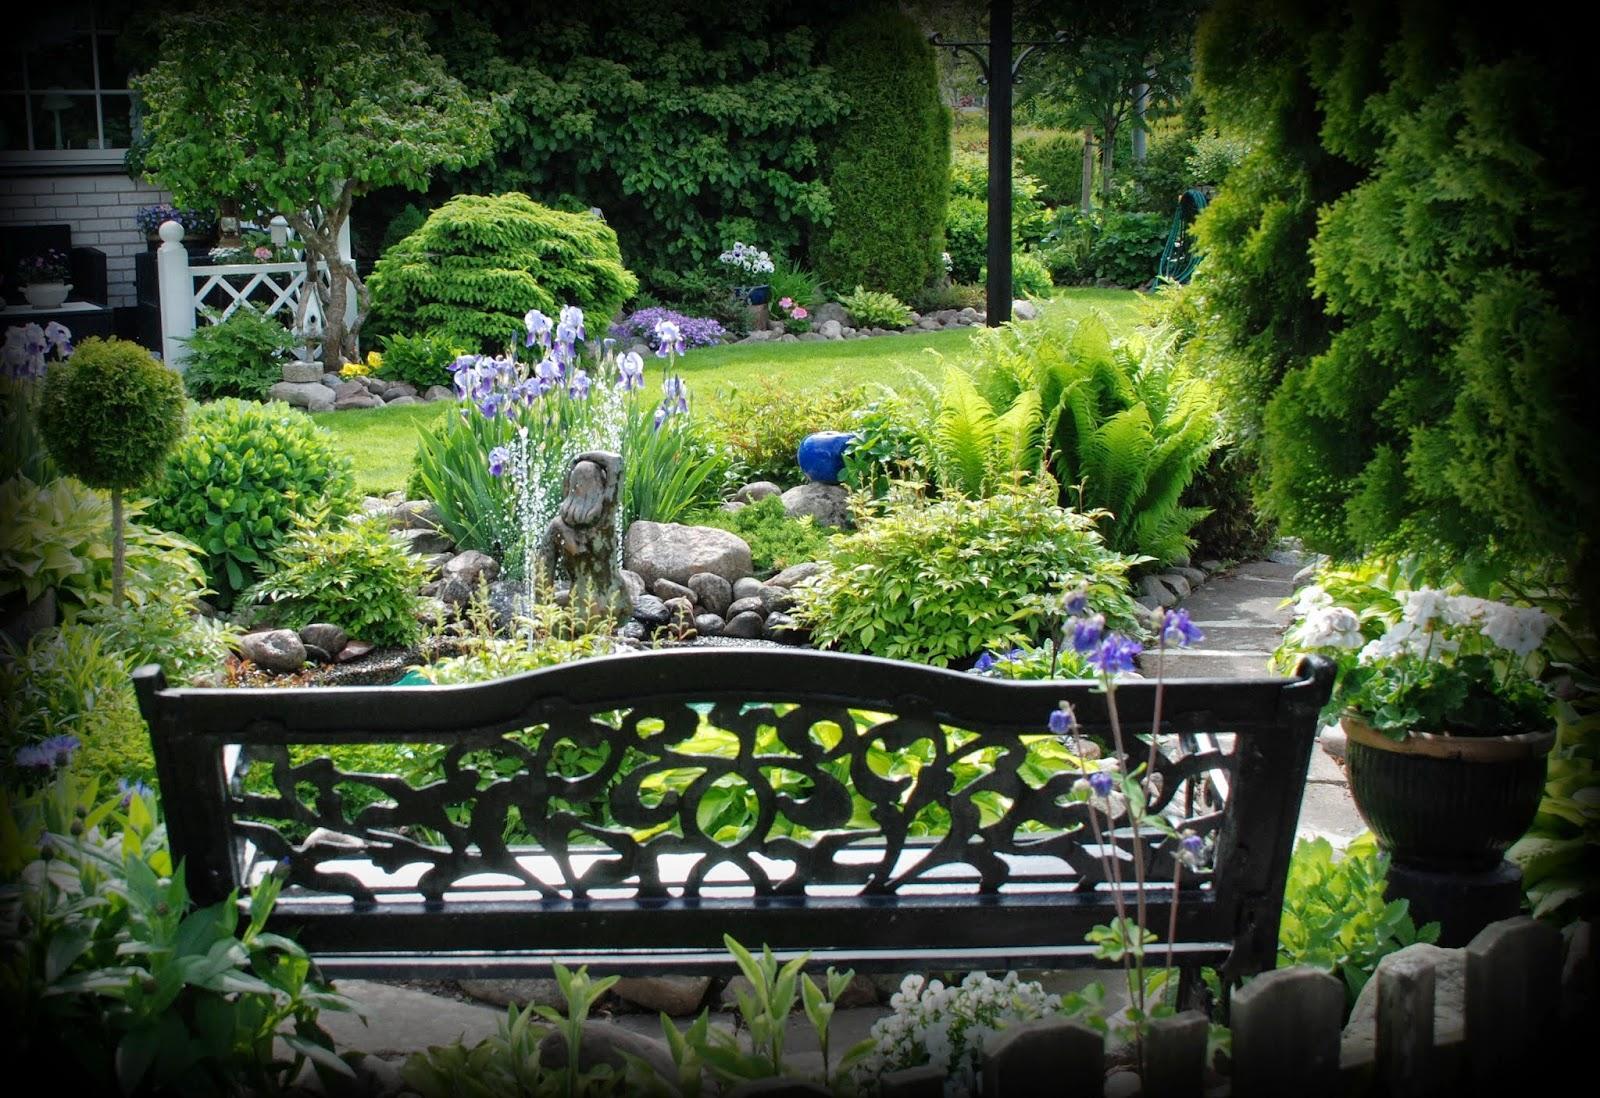 Záhrada,ktorá ťa nikdy neomrzí...divoká a krásna - Obrázok č. 4